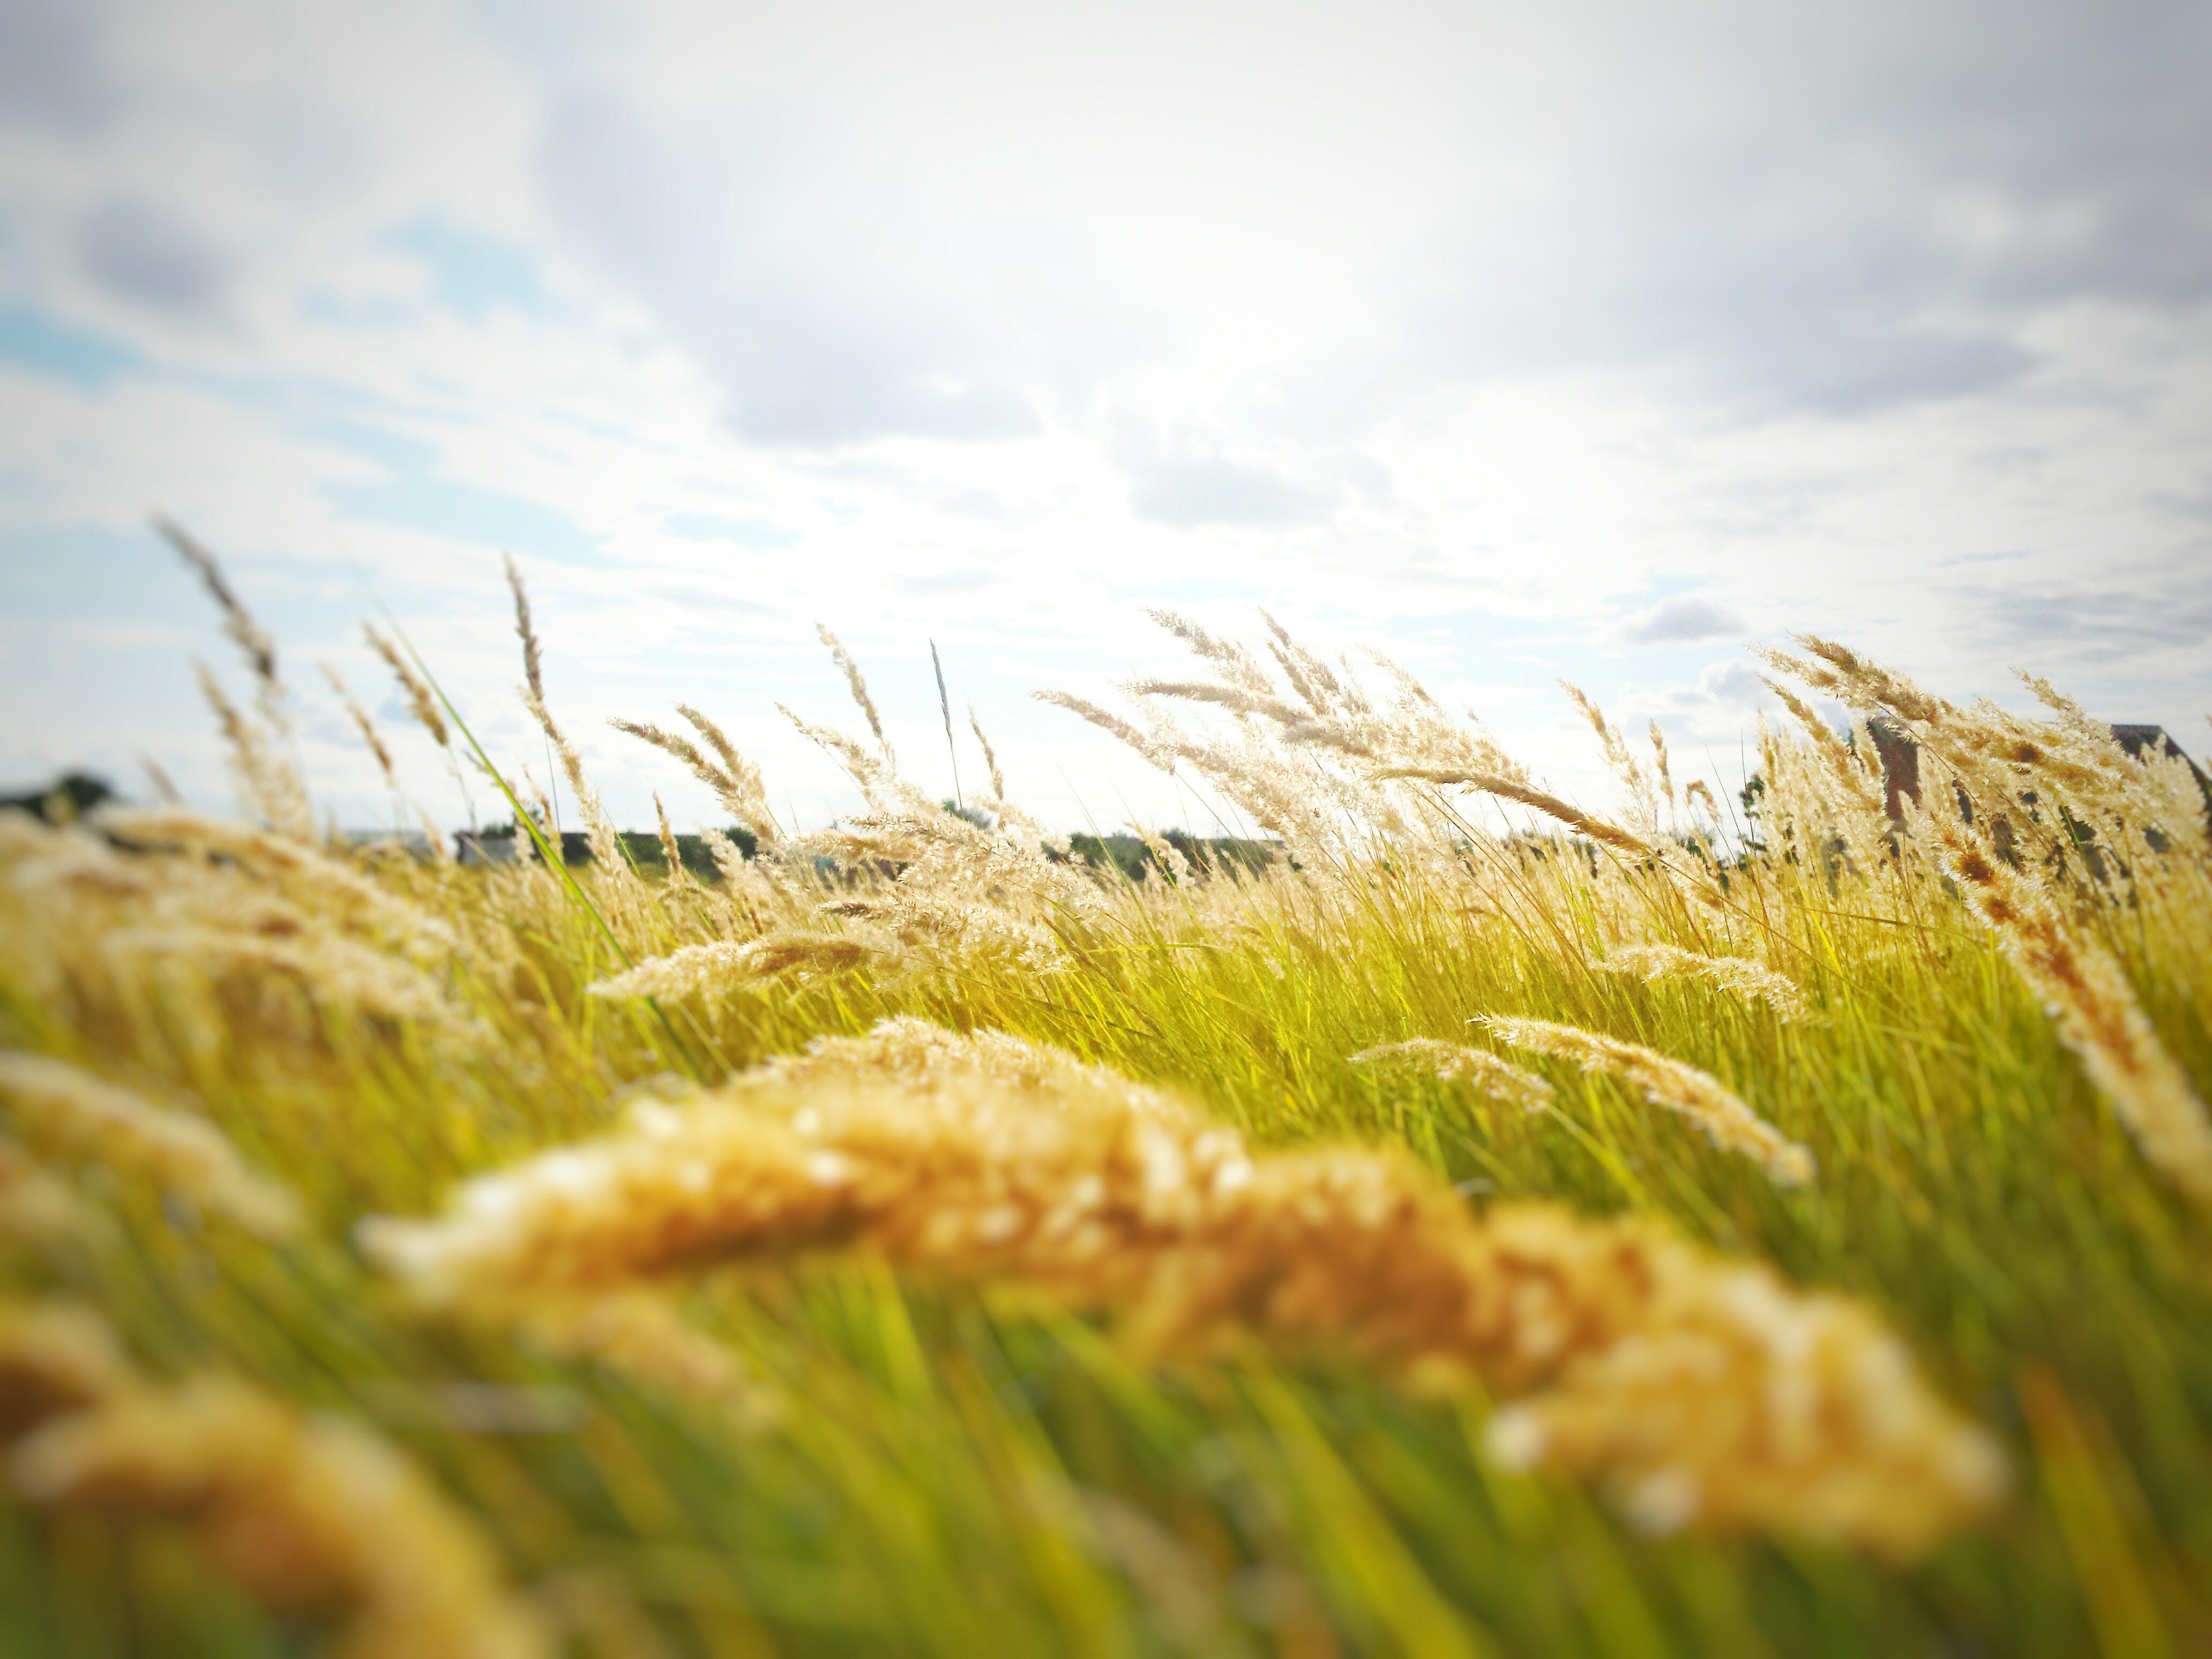 Δωρεάν στοκ φωτογραφιών με αγρόκτημα, ανάπτυξη, ανεμώδης, αυγή